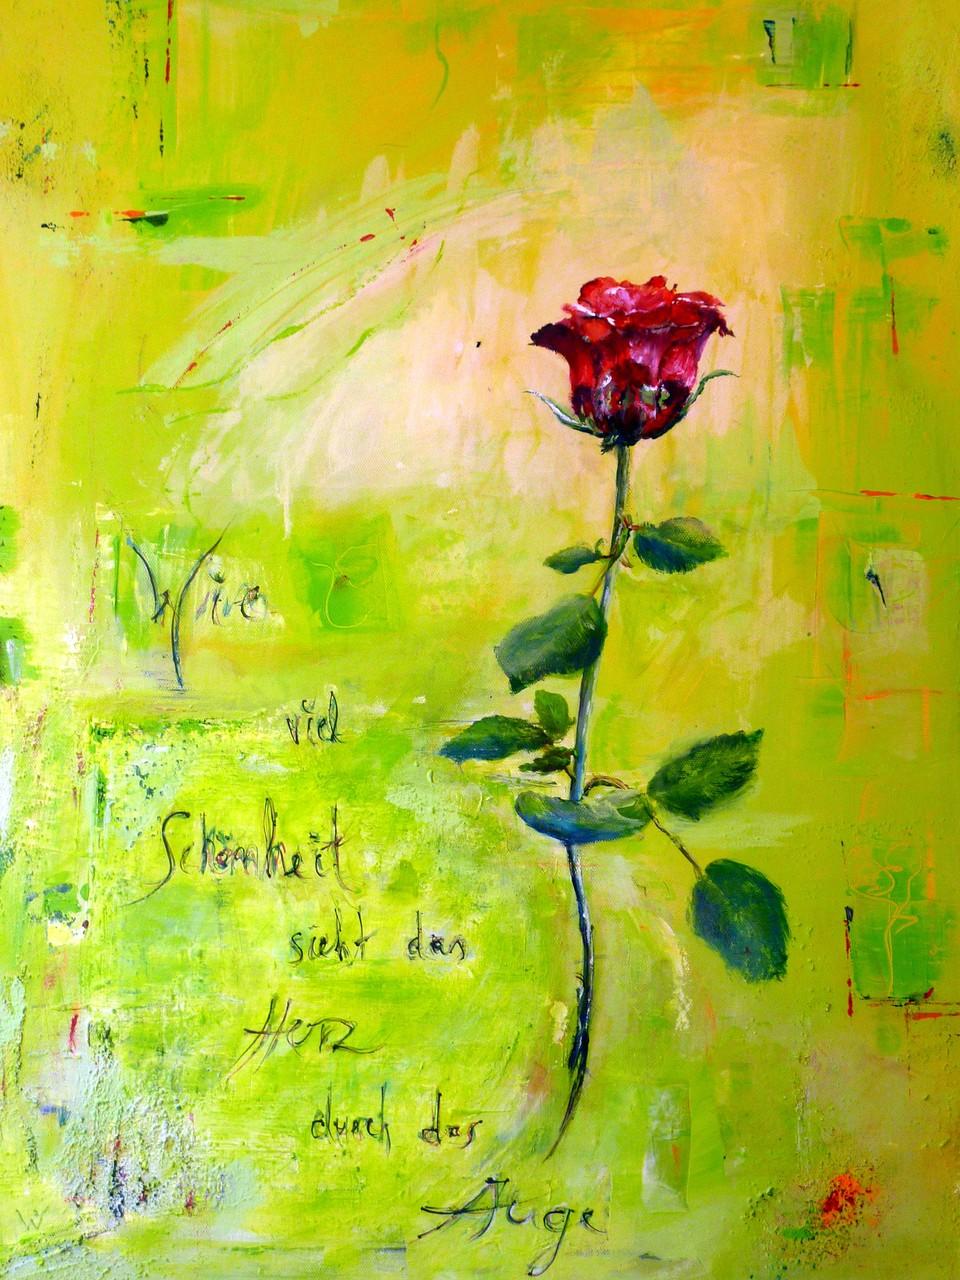 .-. Wie viel Schönheit sieht das Herz durch das Auge